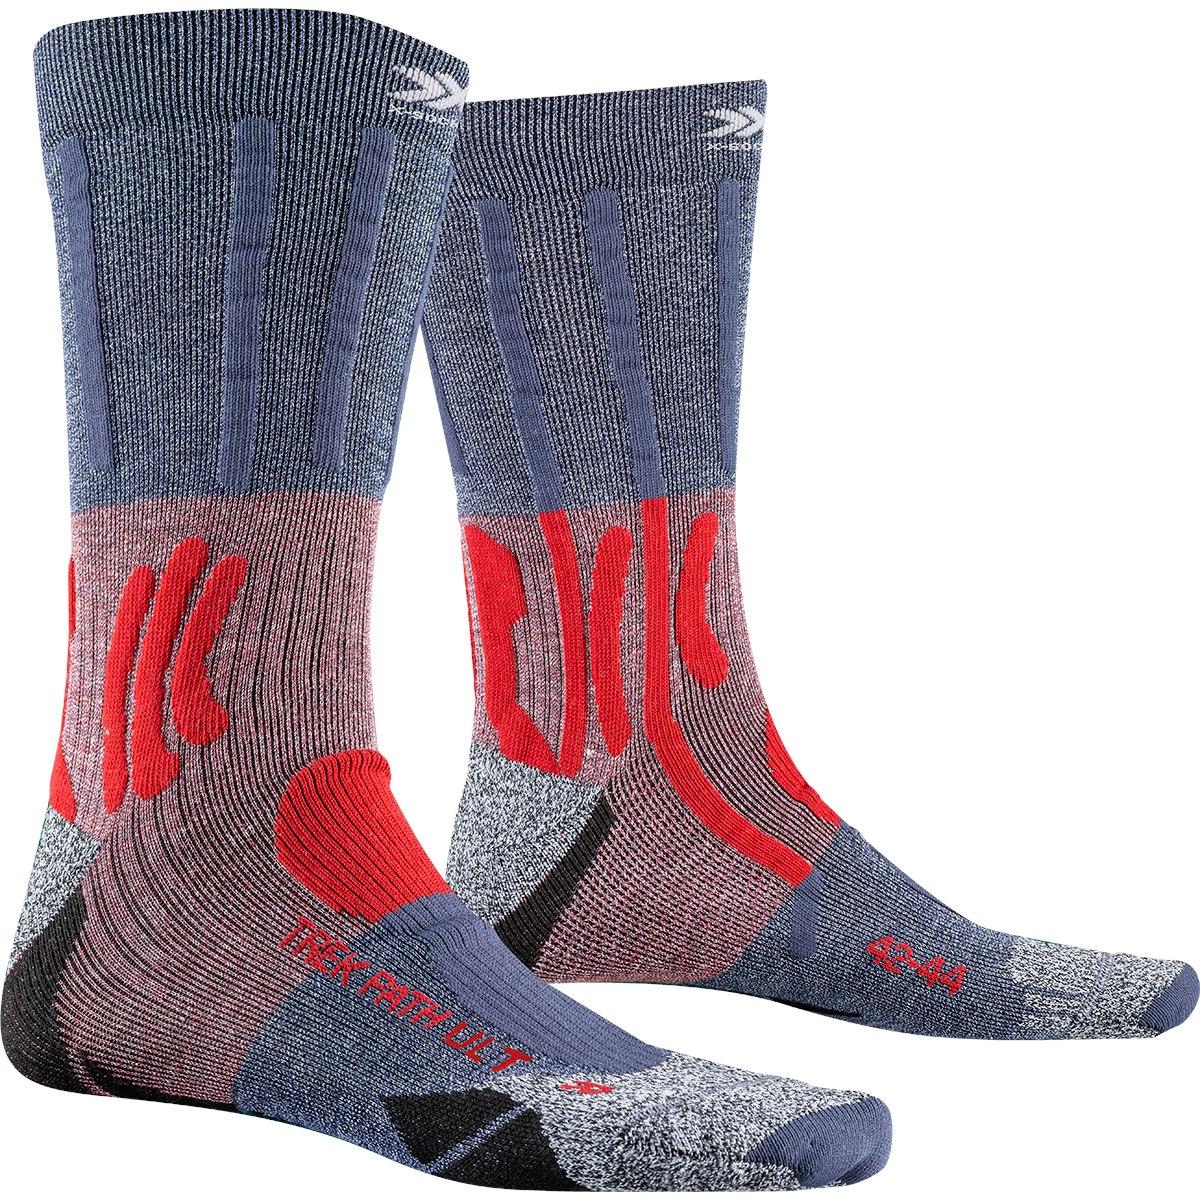 X-Socks Trek Path Ultra LT Socken - dolomite grey melange/namib red melange